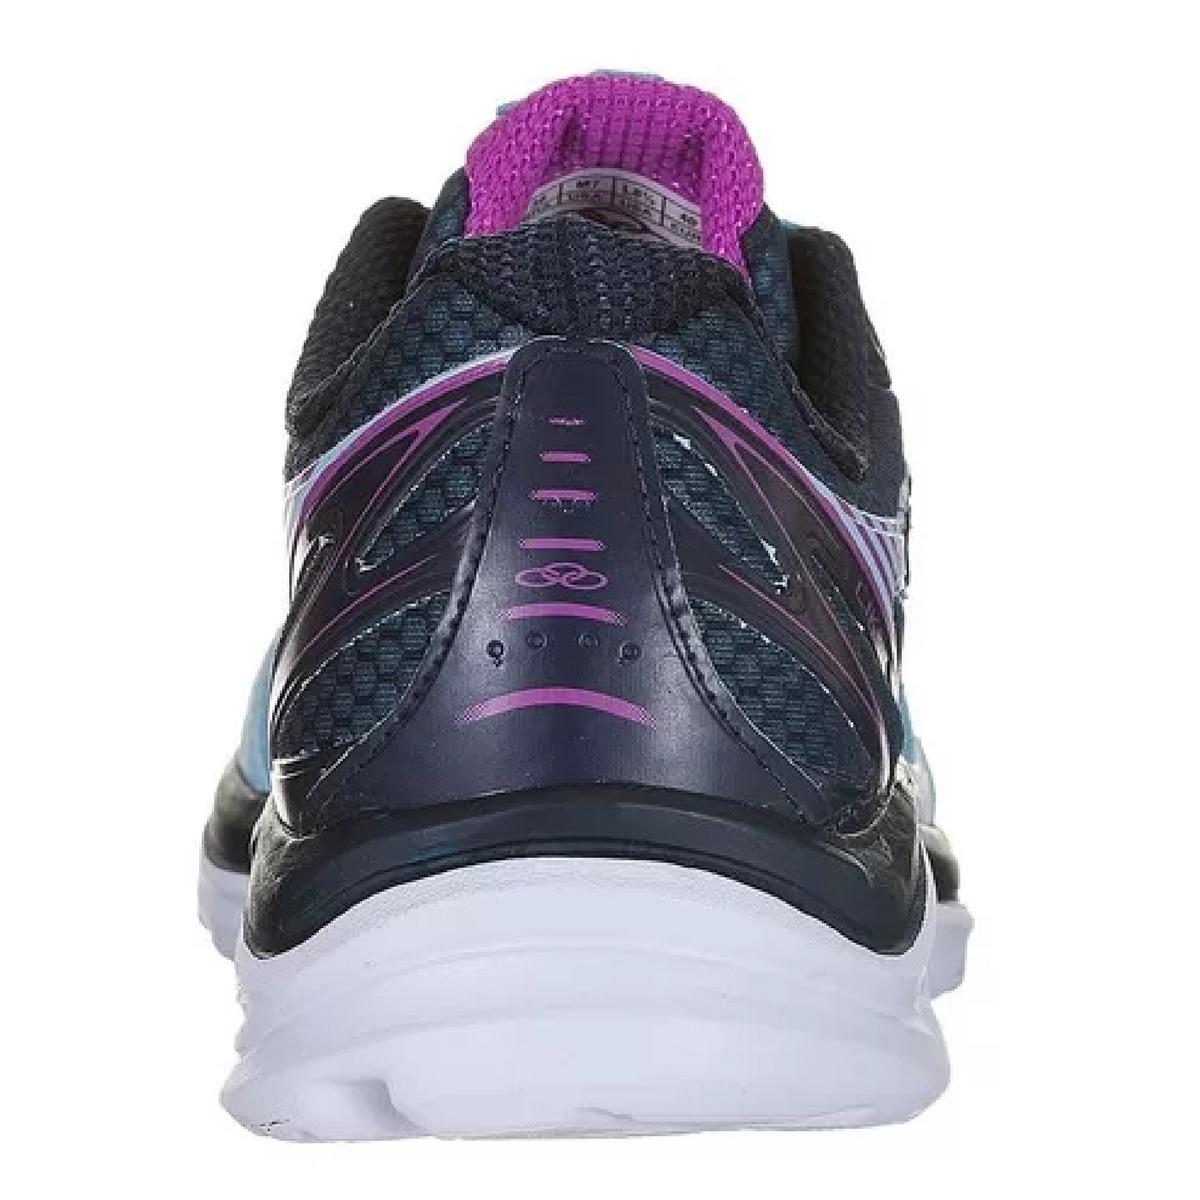 607ca14d0 tenis olympikus feminino barato corrida caminhada academia. Carregando zoom.